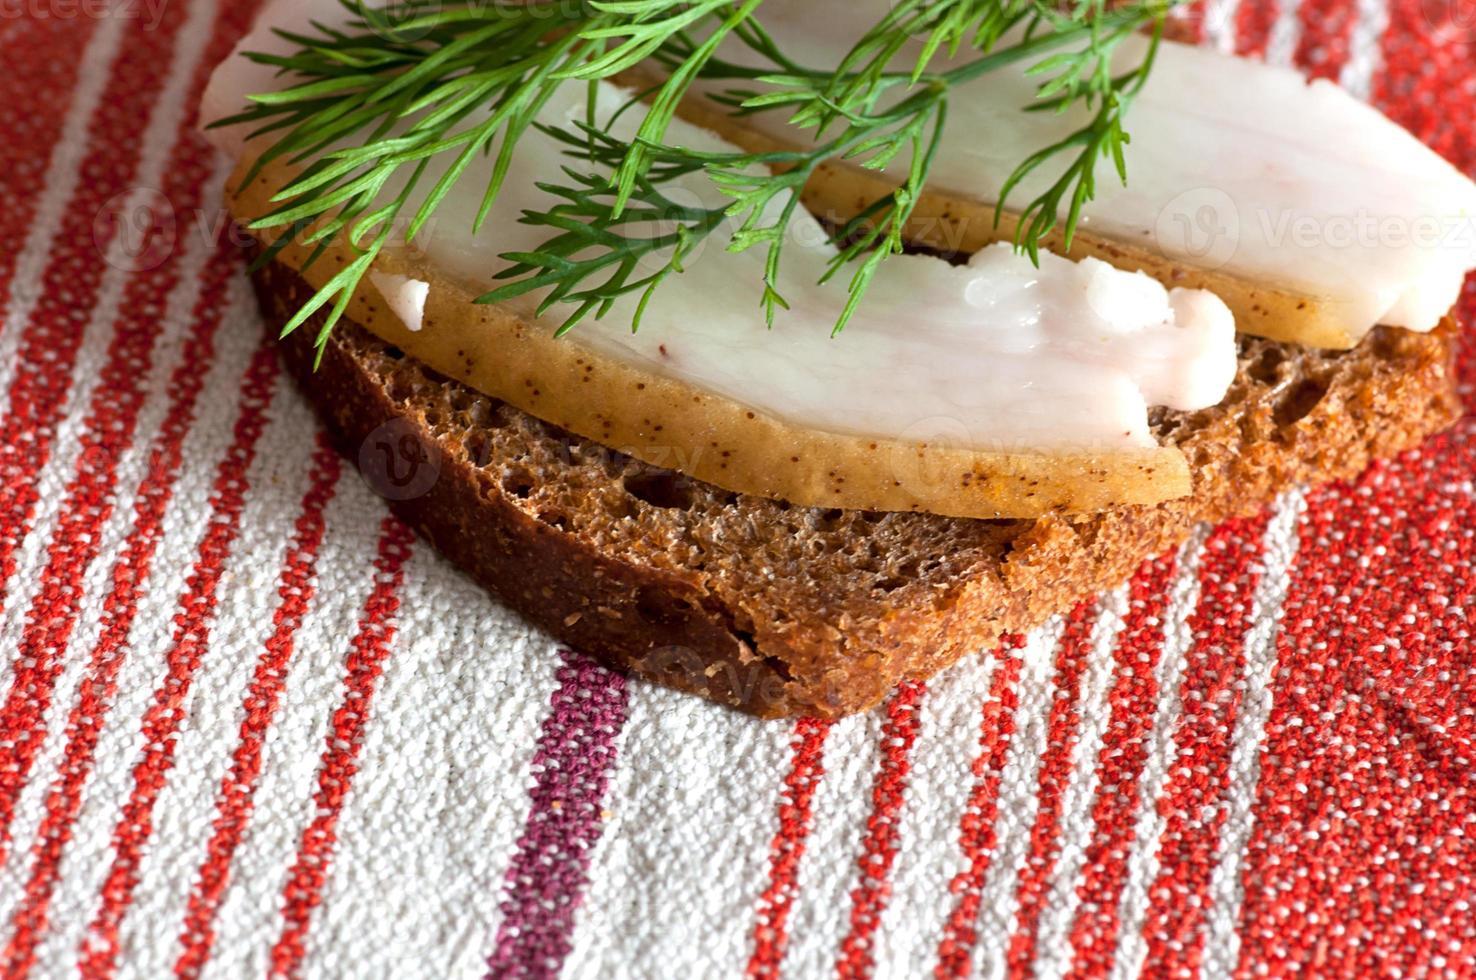 panino con lardo salato foto